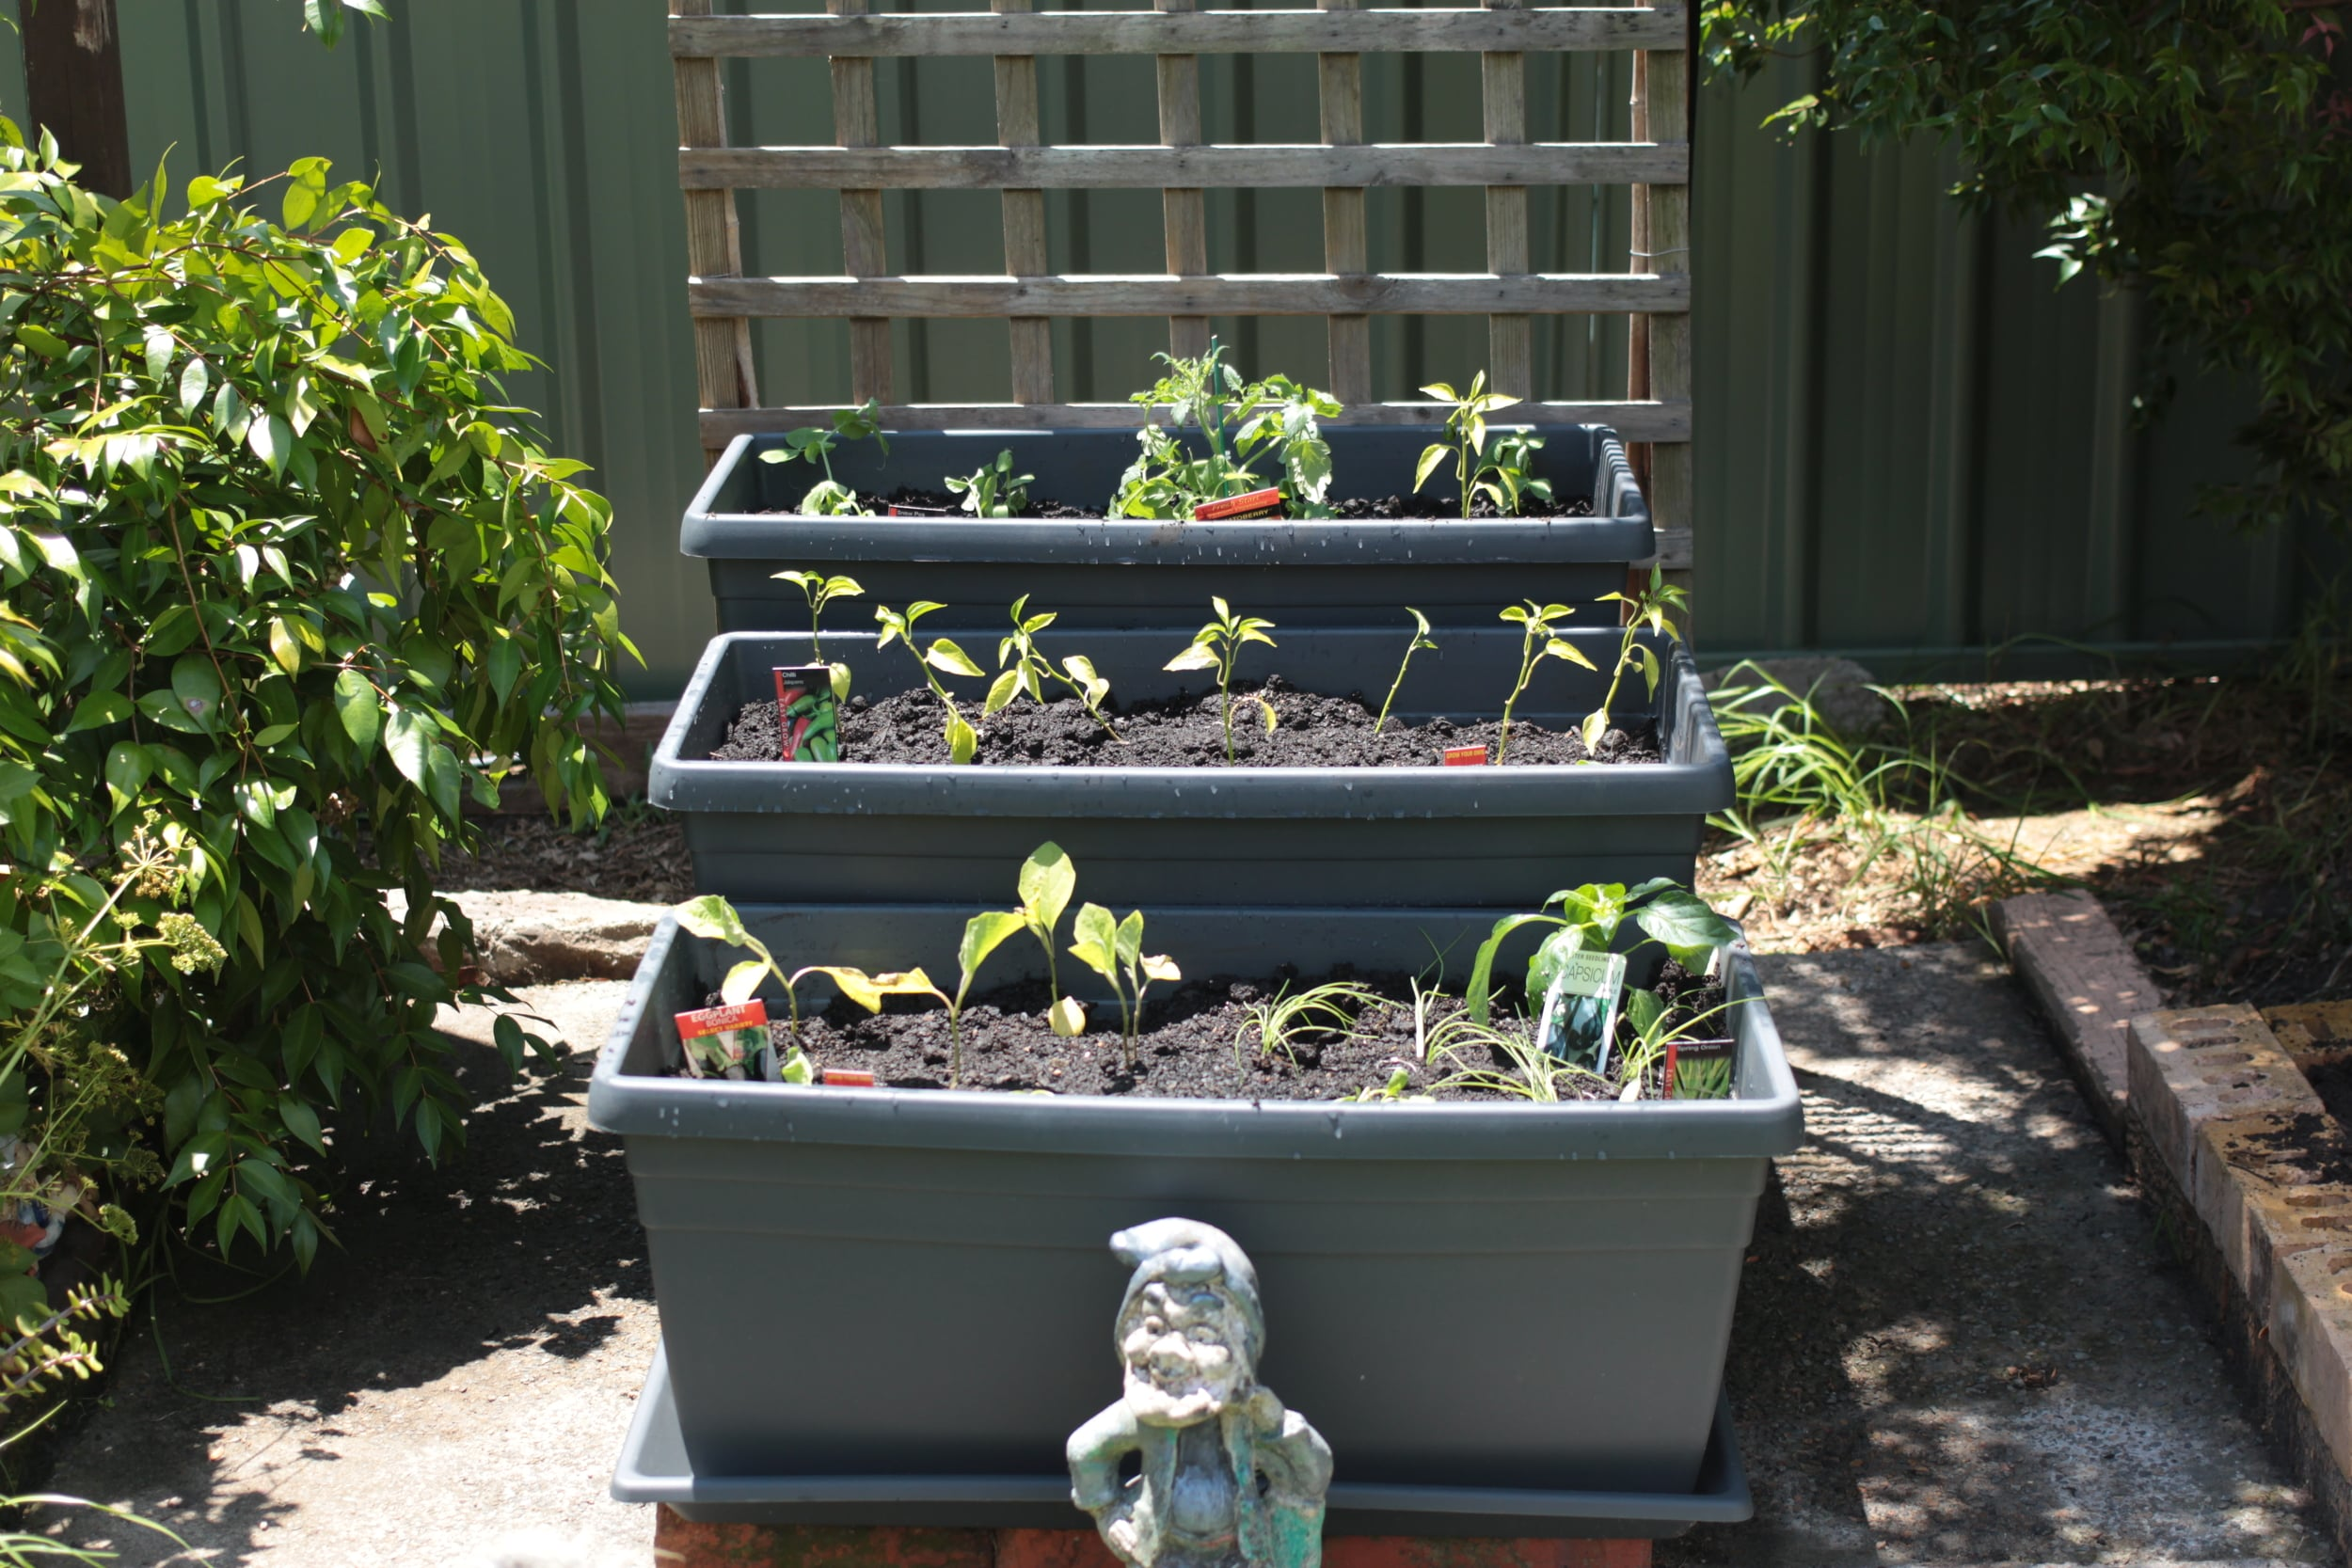 Aforementioned Garden